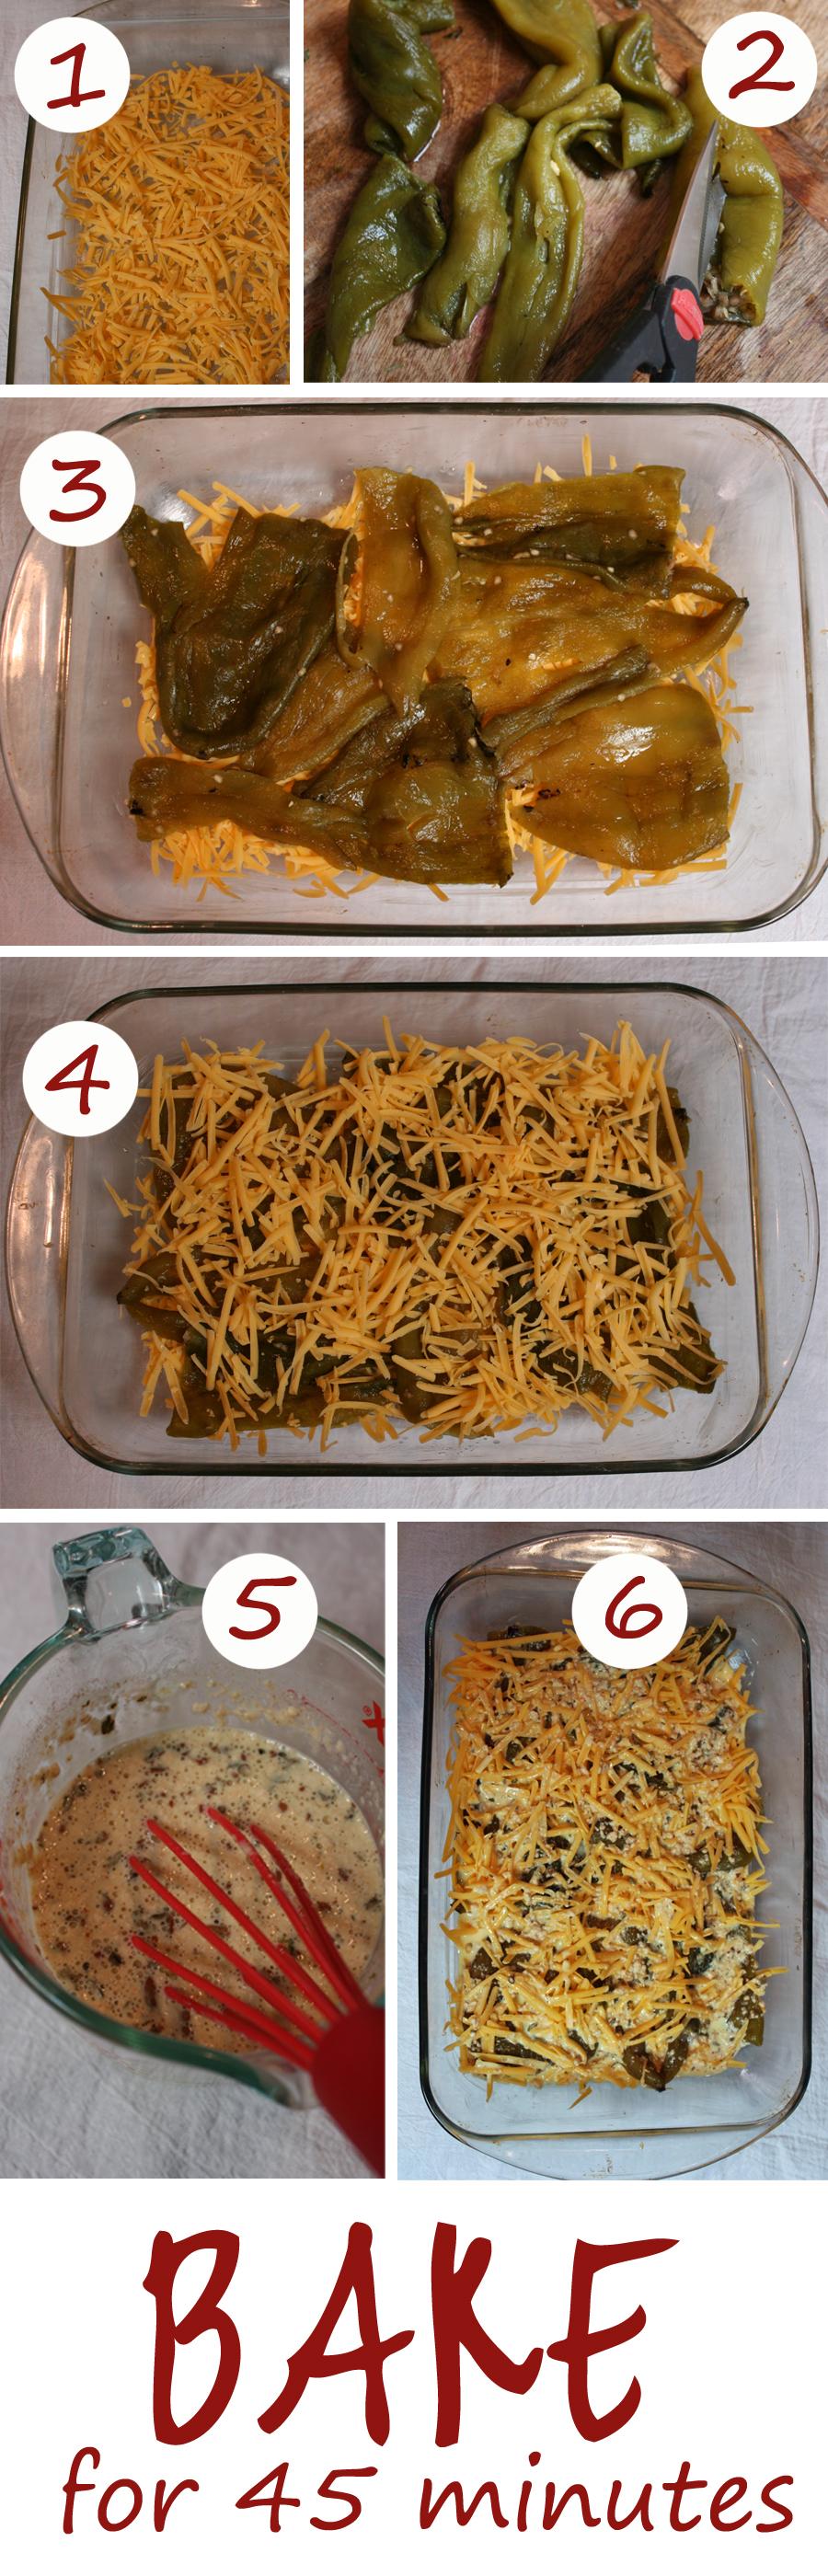 chile rellano casserole recipe kineticheart_com